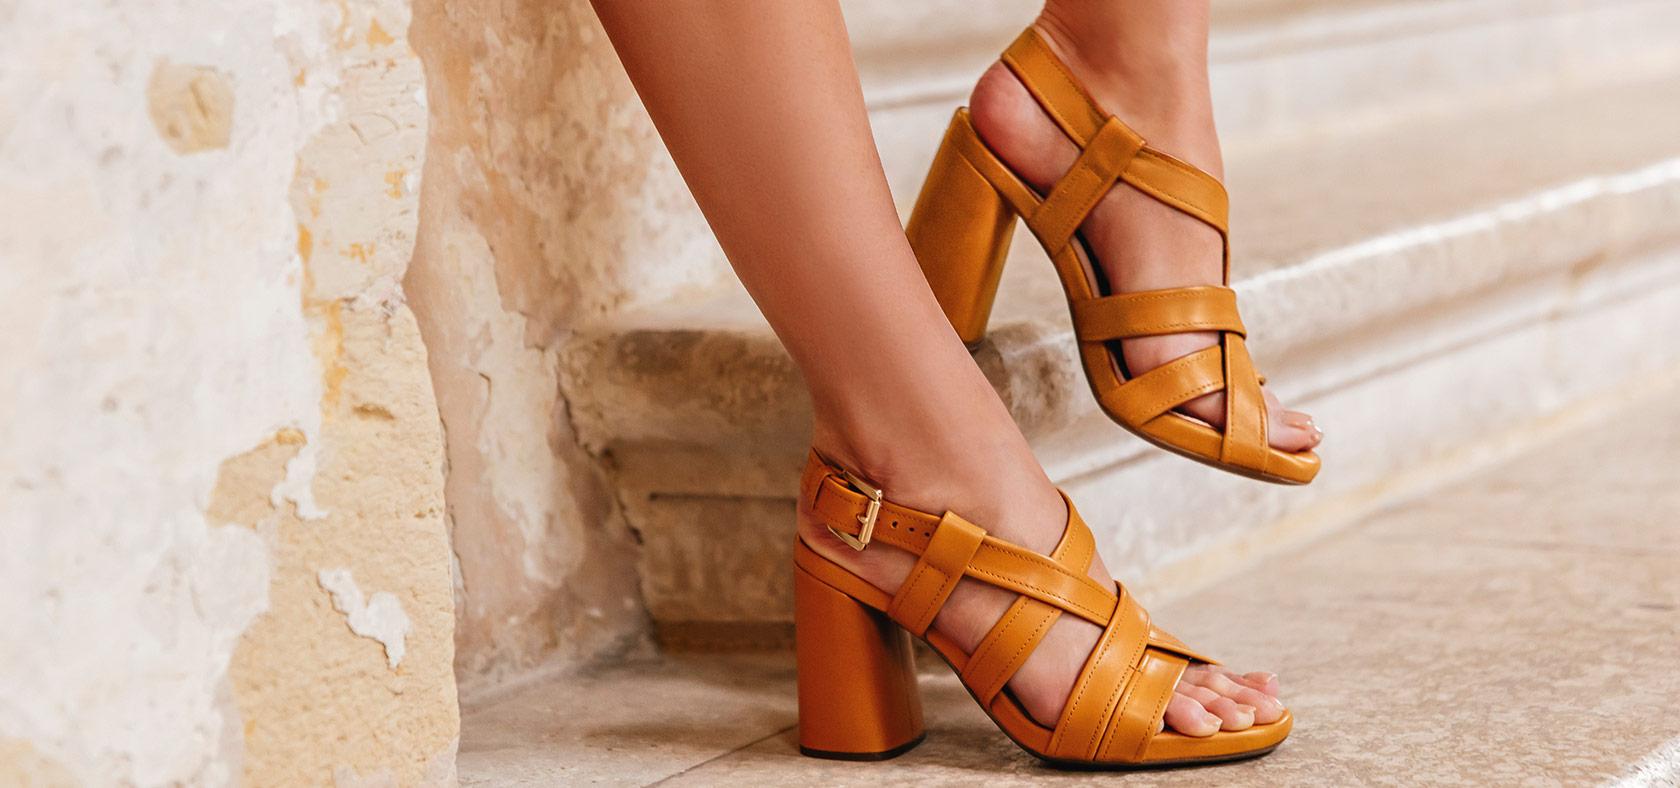 Damen Schuhe mit Absatz | Neue Kollektion | Geox